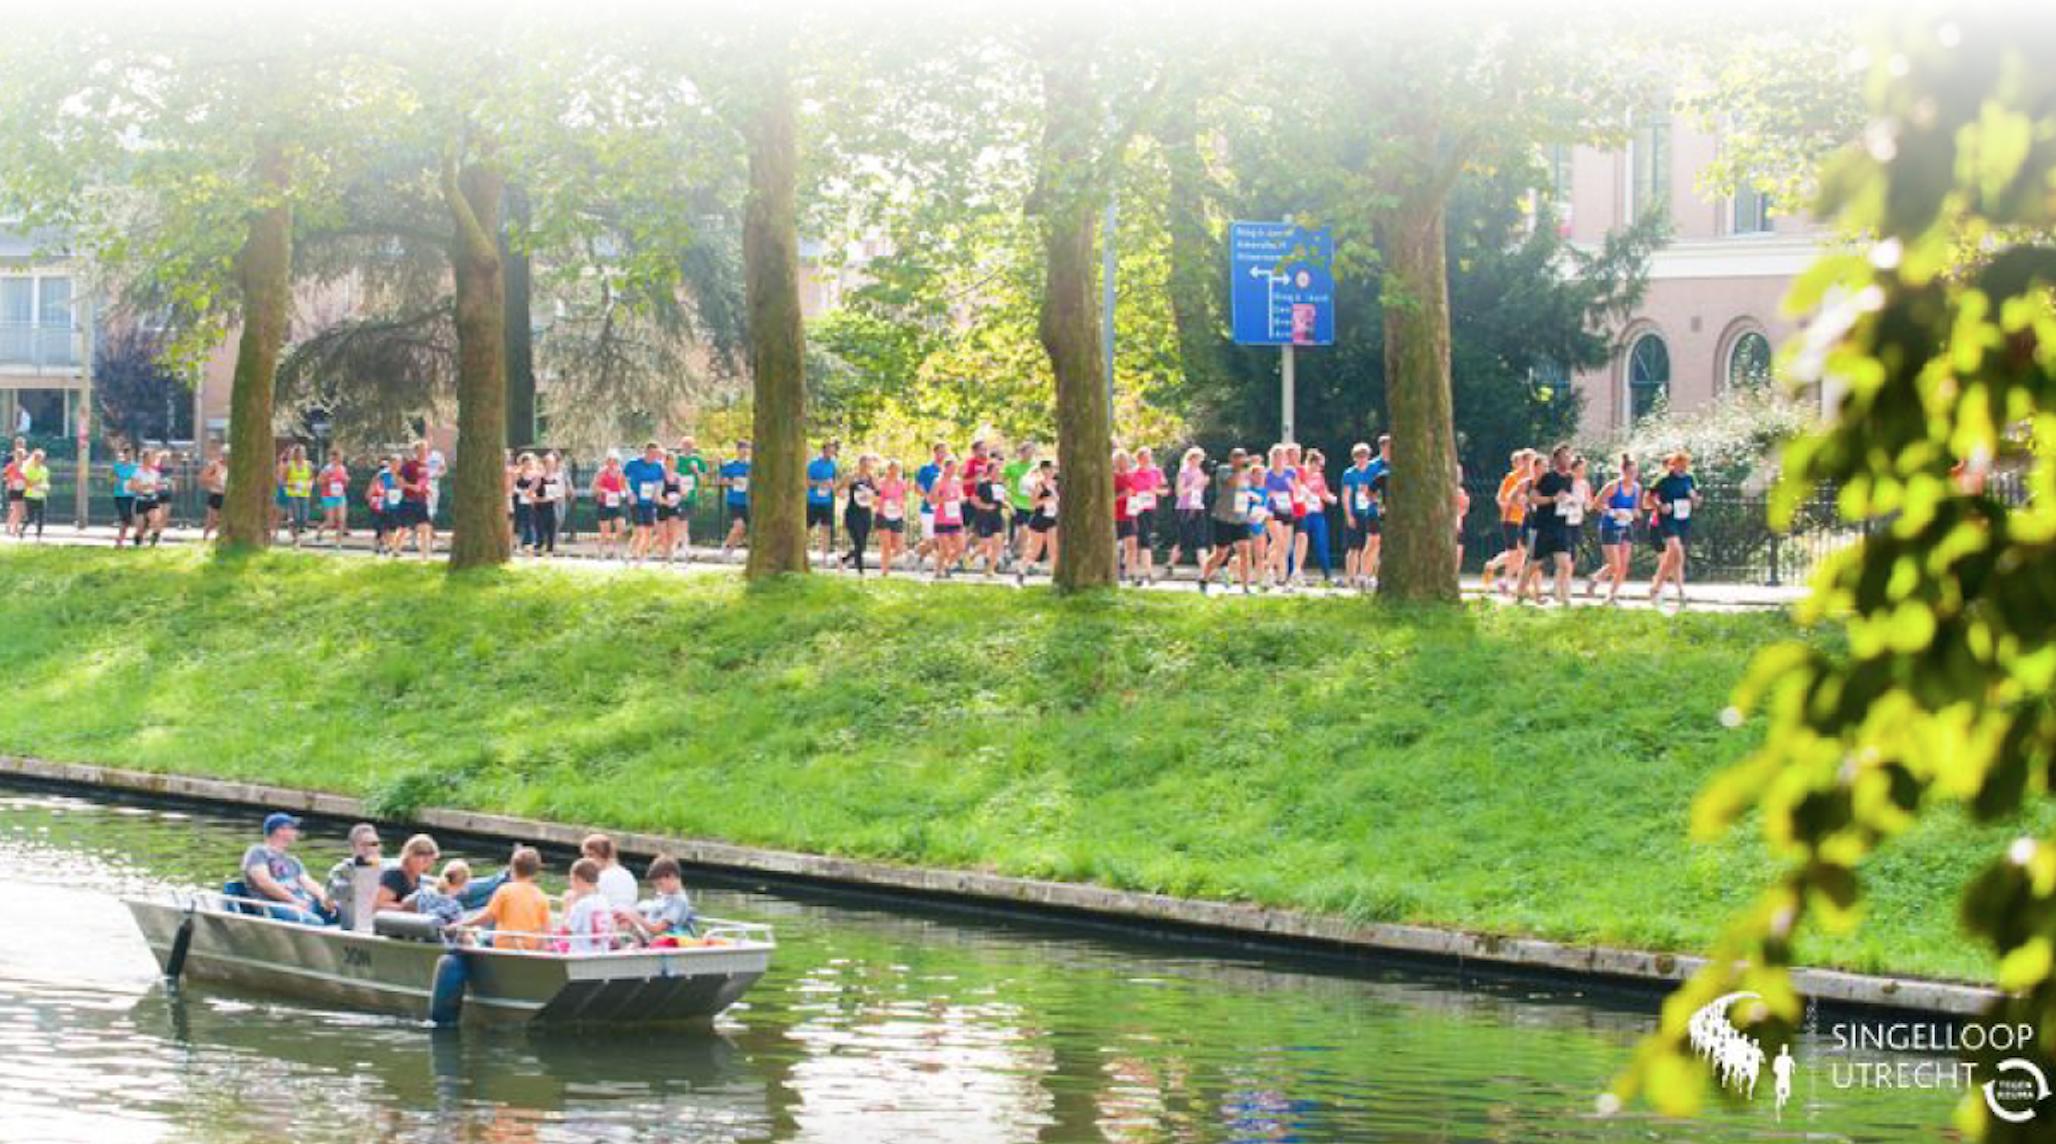 Singelloop in Utrecht op 27 september 2015, loop mee!